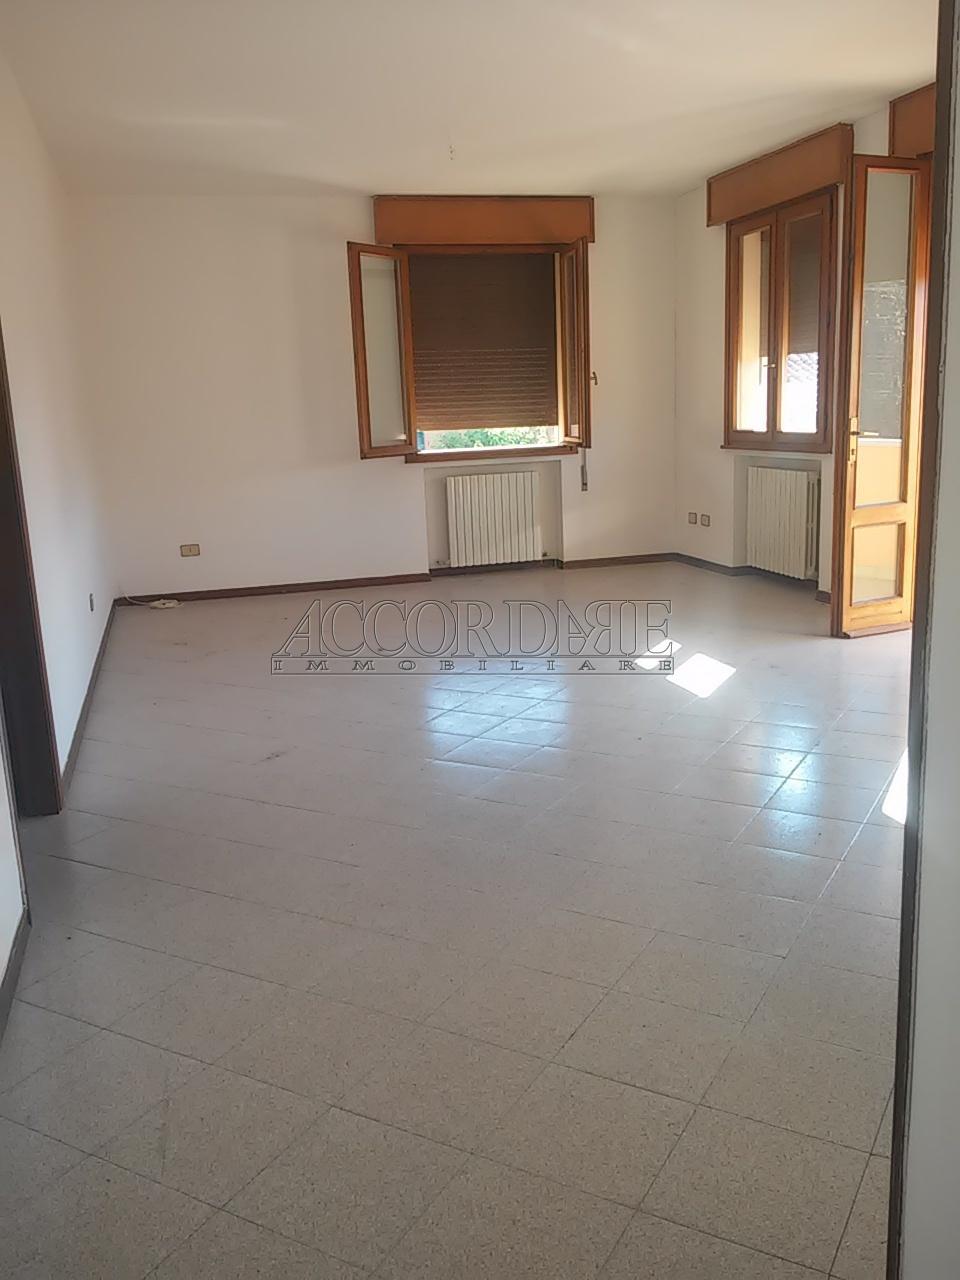 Appartamento in vendita a Casalserugo, 5 locali, prezzo € 105.000 | Cambio Casa.it